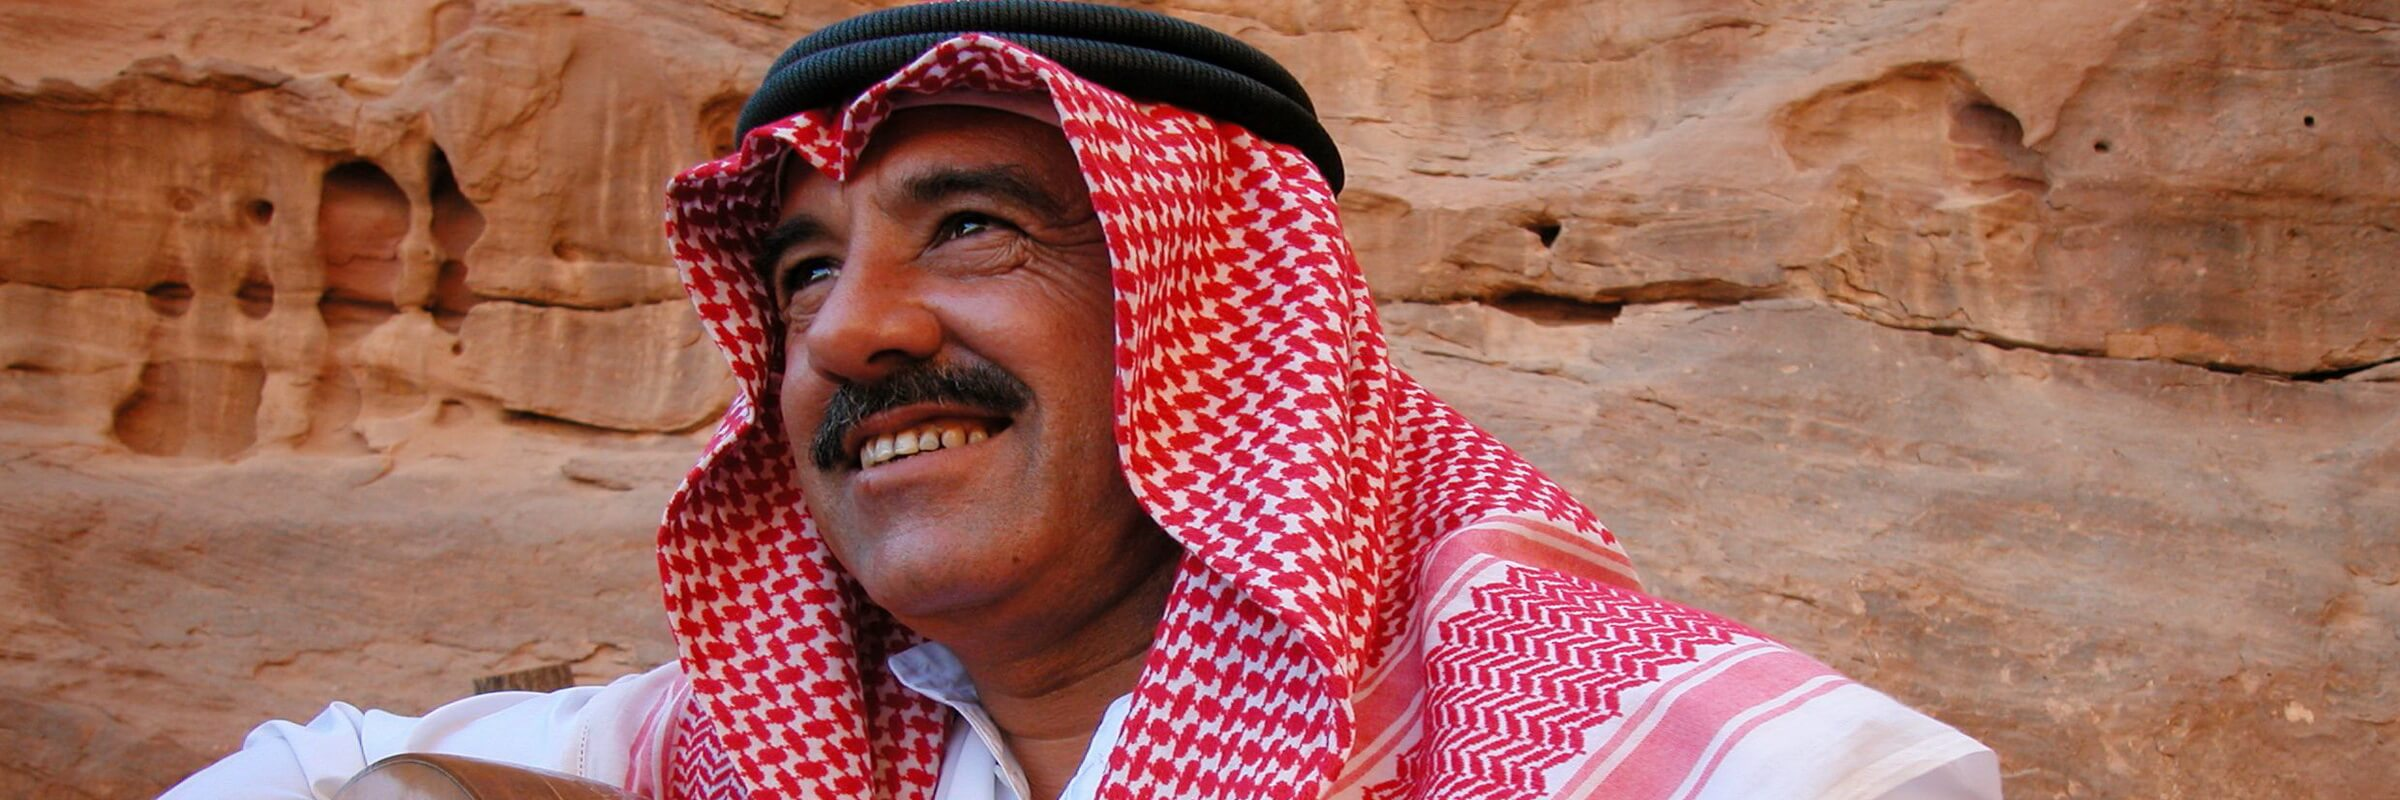 Die Felsenstadt Petra bietet eine herrliche Kulisse für einen jordanischen Musiker der auf einer Ud spielt